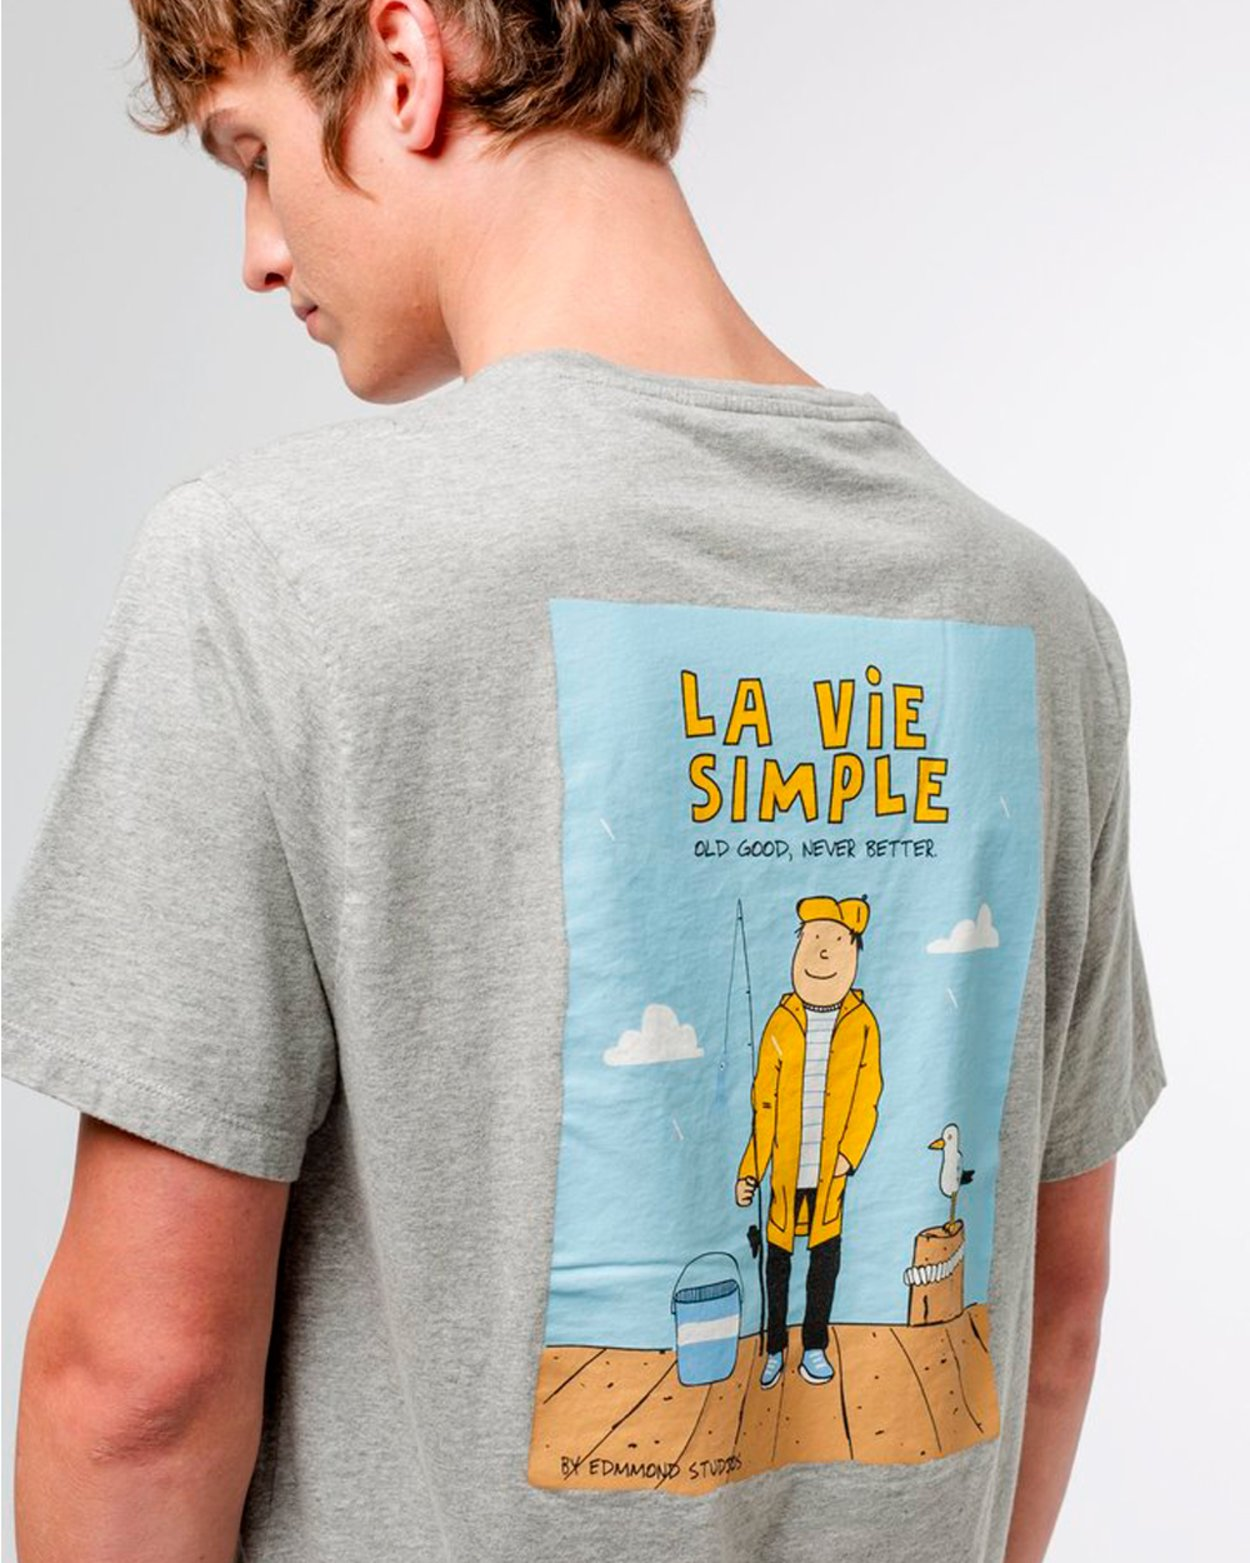 La Vie Simple Tee-Shirt - Fishing